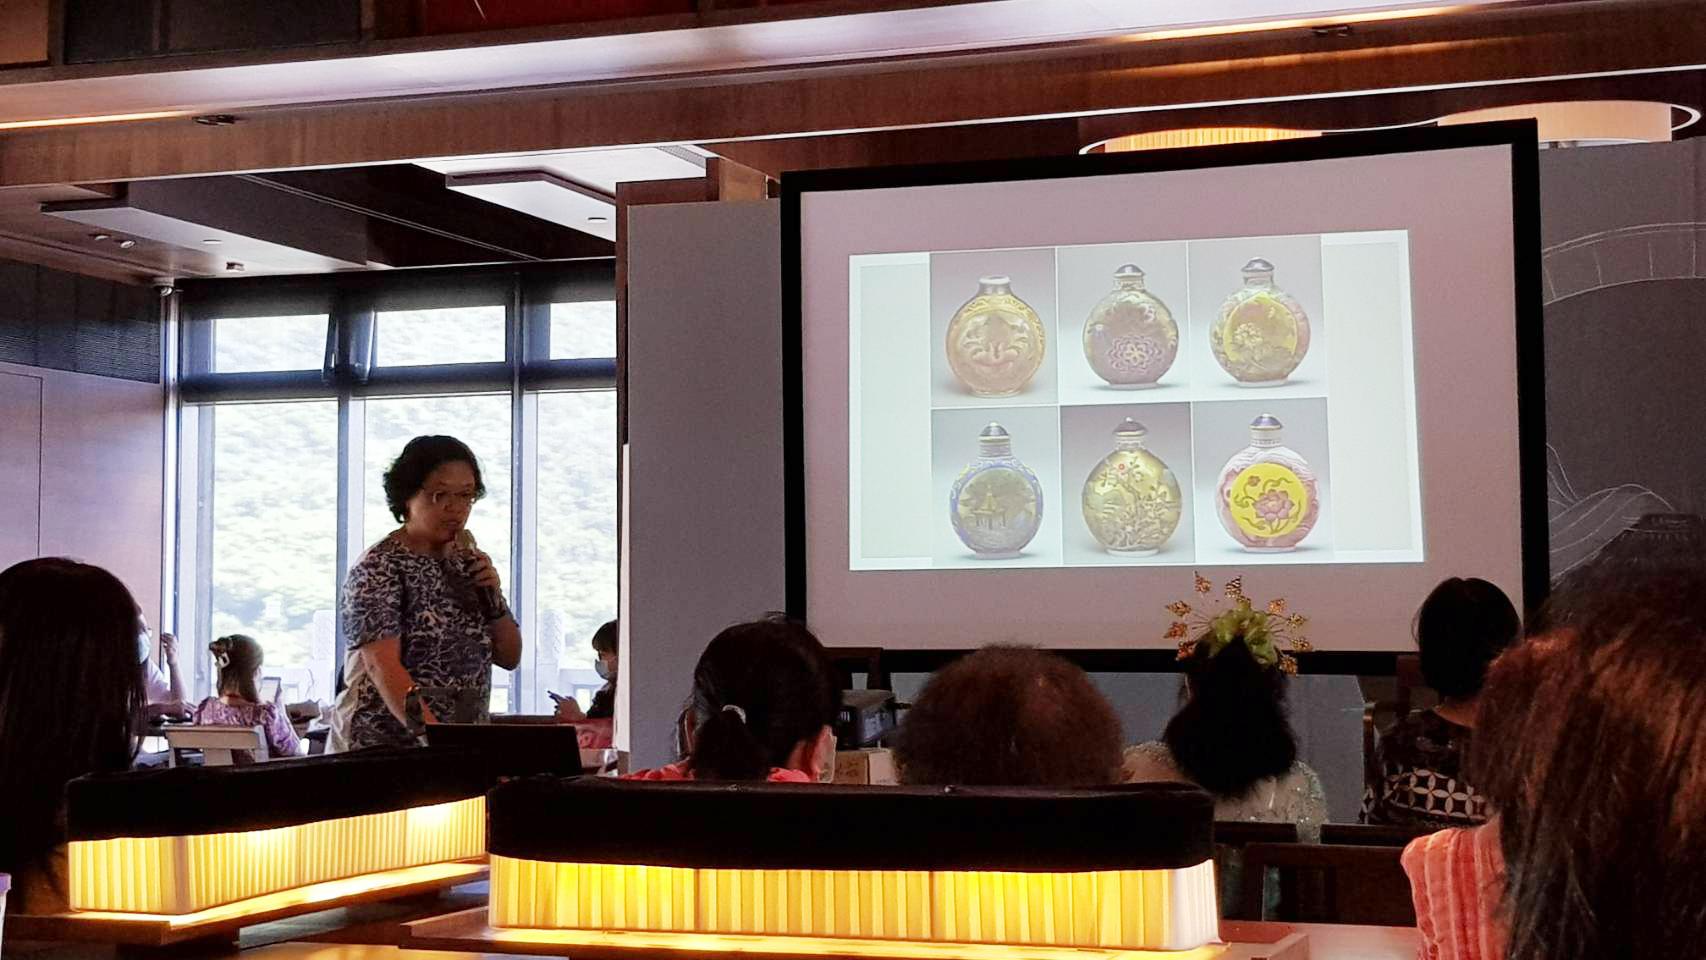 清朝流行鼻煙壺,瓶身可彩繪,是一種深具藝術價值的「擴香瓶」。